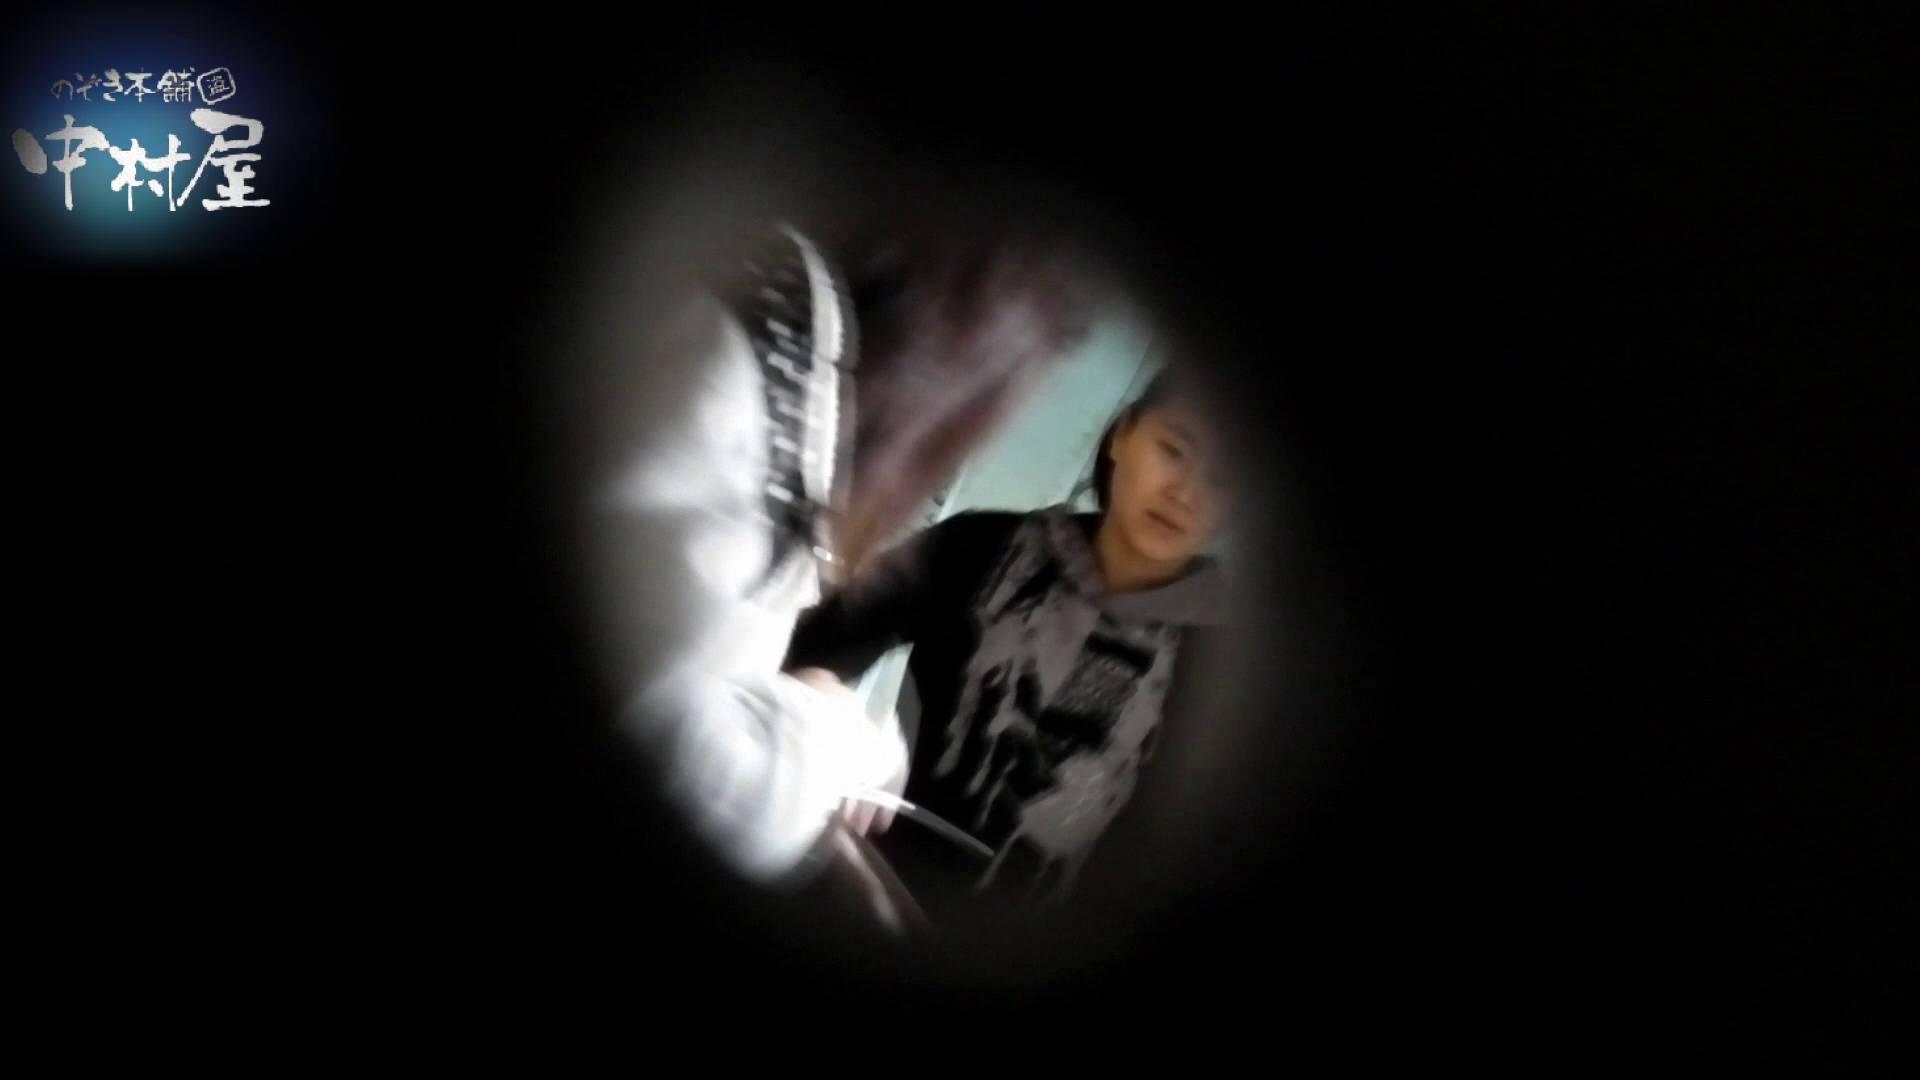 乙女集まる!ショッピングモール潜入撮vol.06 丸見え AV動画キャプチャ 108連発 10